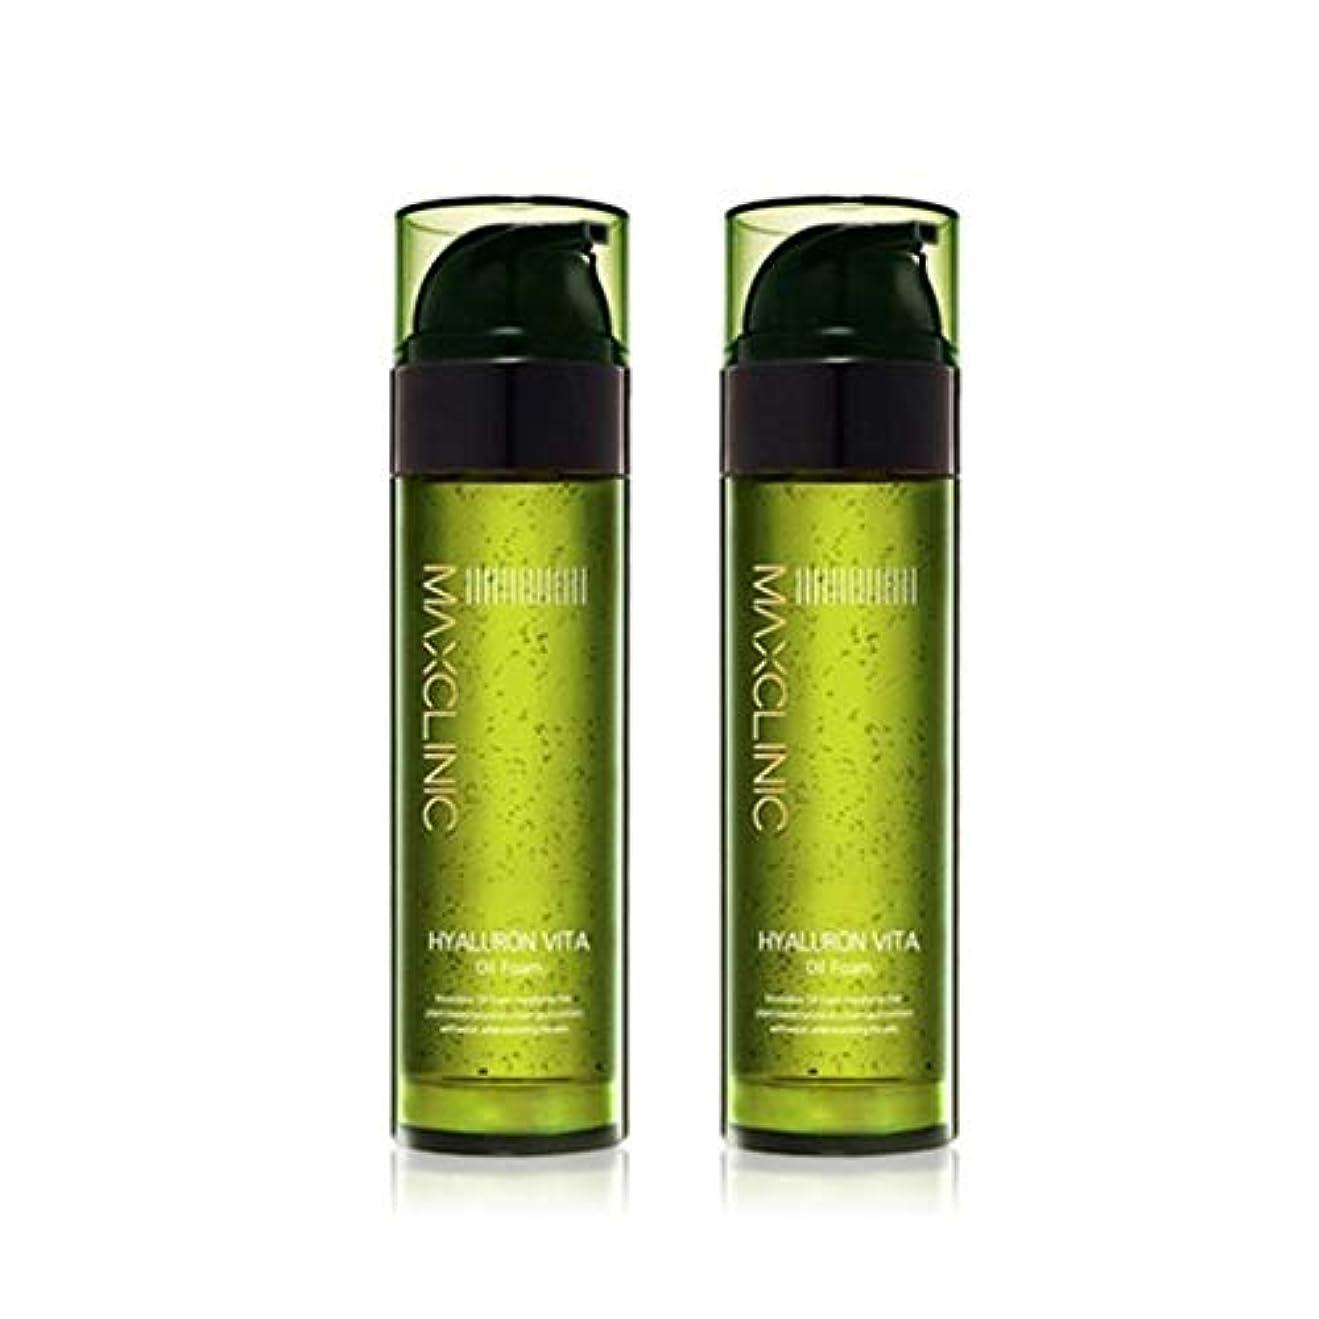 誤解するアルファベット順太陽マックスクリニックヒアルロンヴィータオイルフォーム110gx2本セット韓国コスメ、Maxclinic Hyaluronic Acid Vita Oil Foam 110g x 2ea Set Korean Cosmetics...